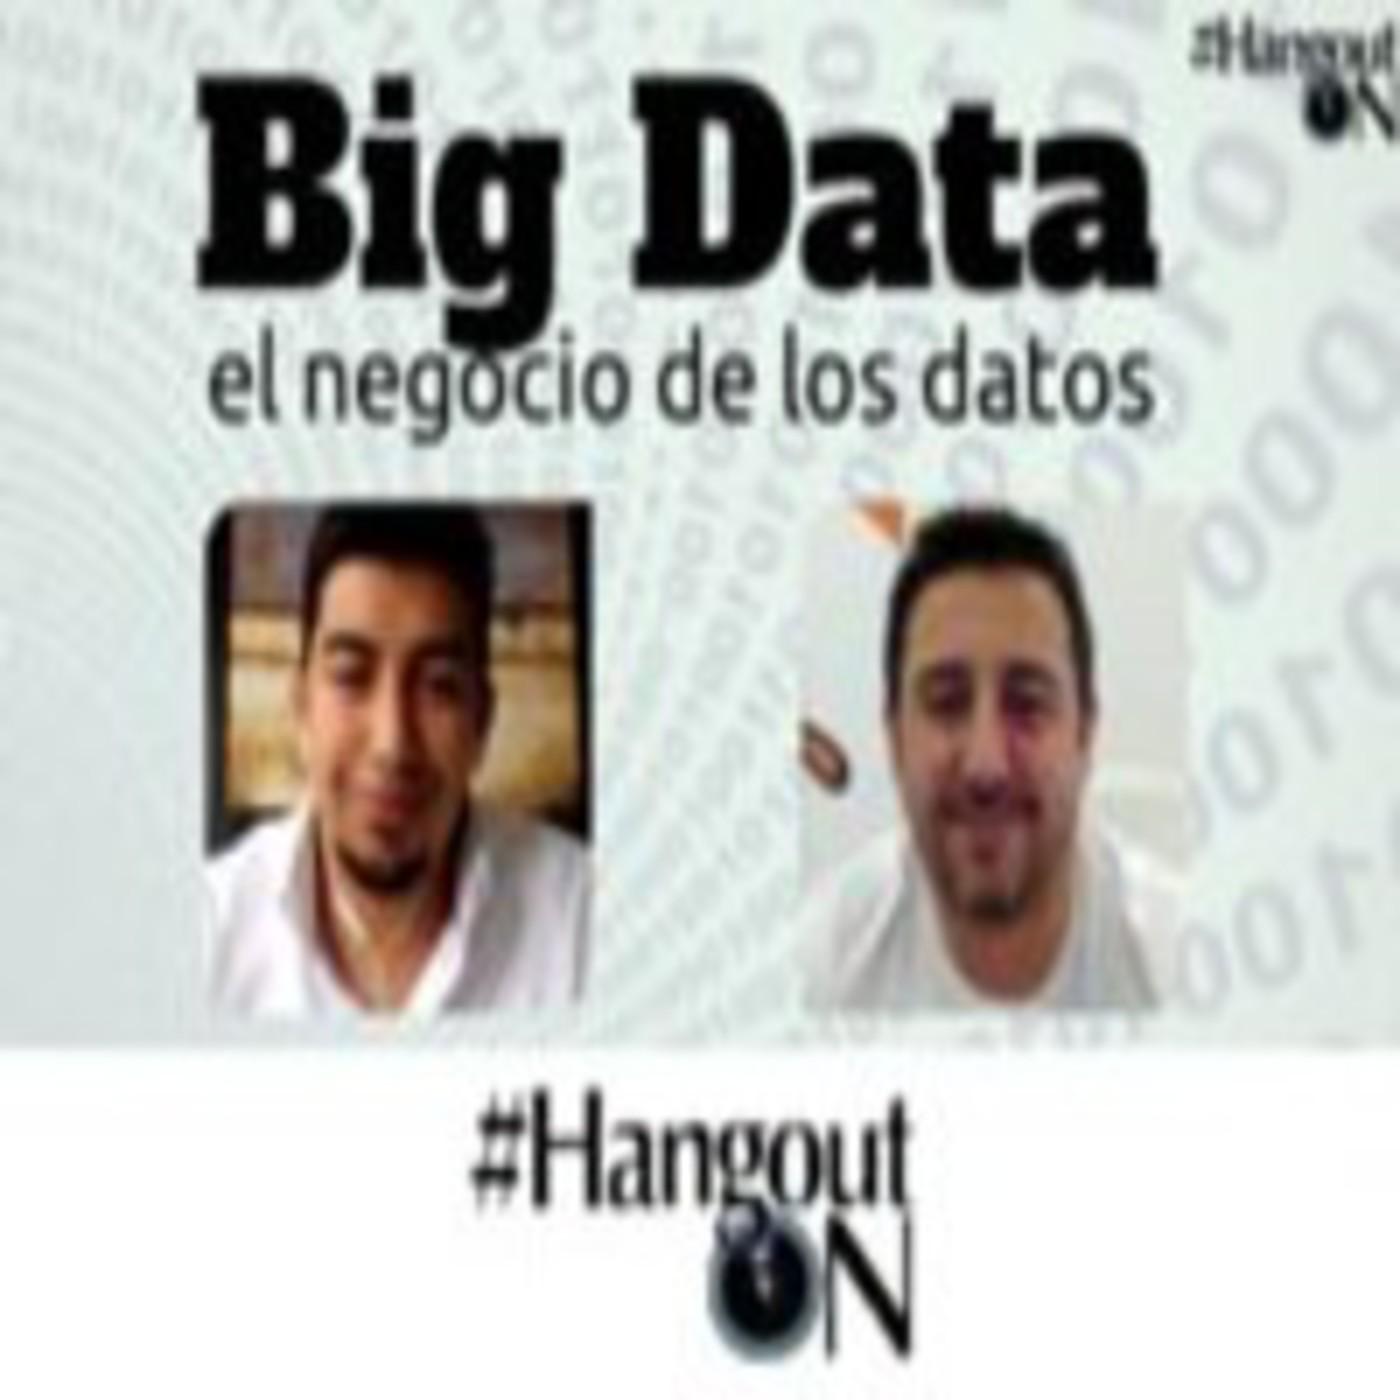 Big Data, el negocio de los datos.